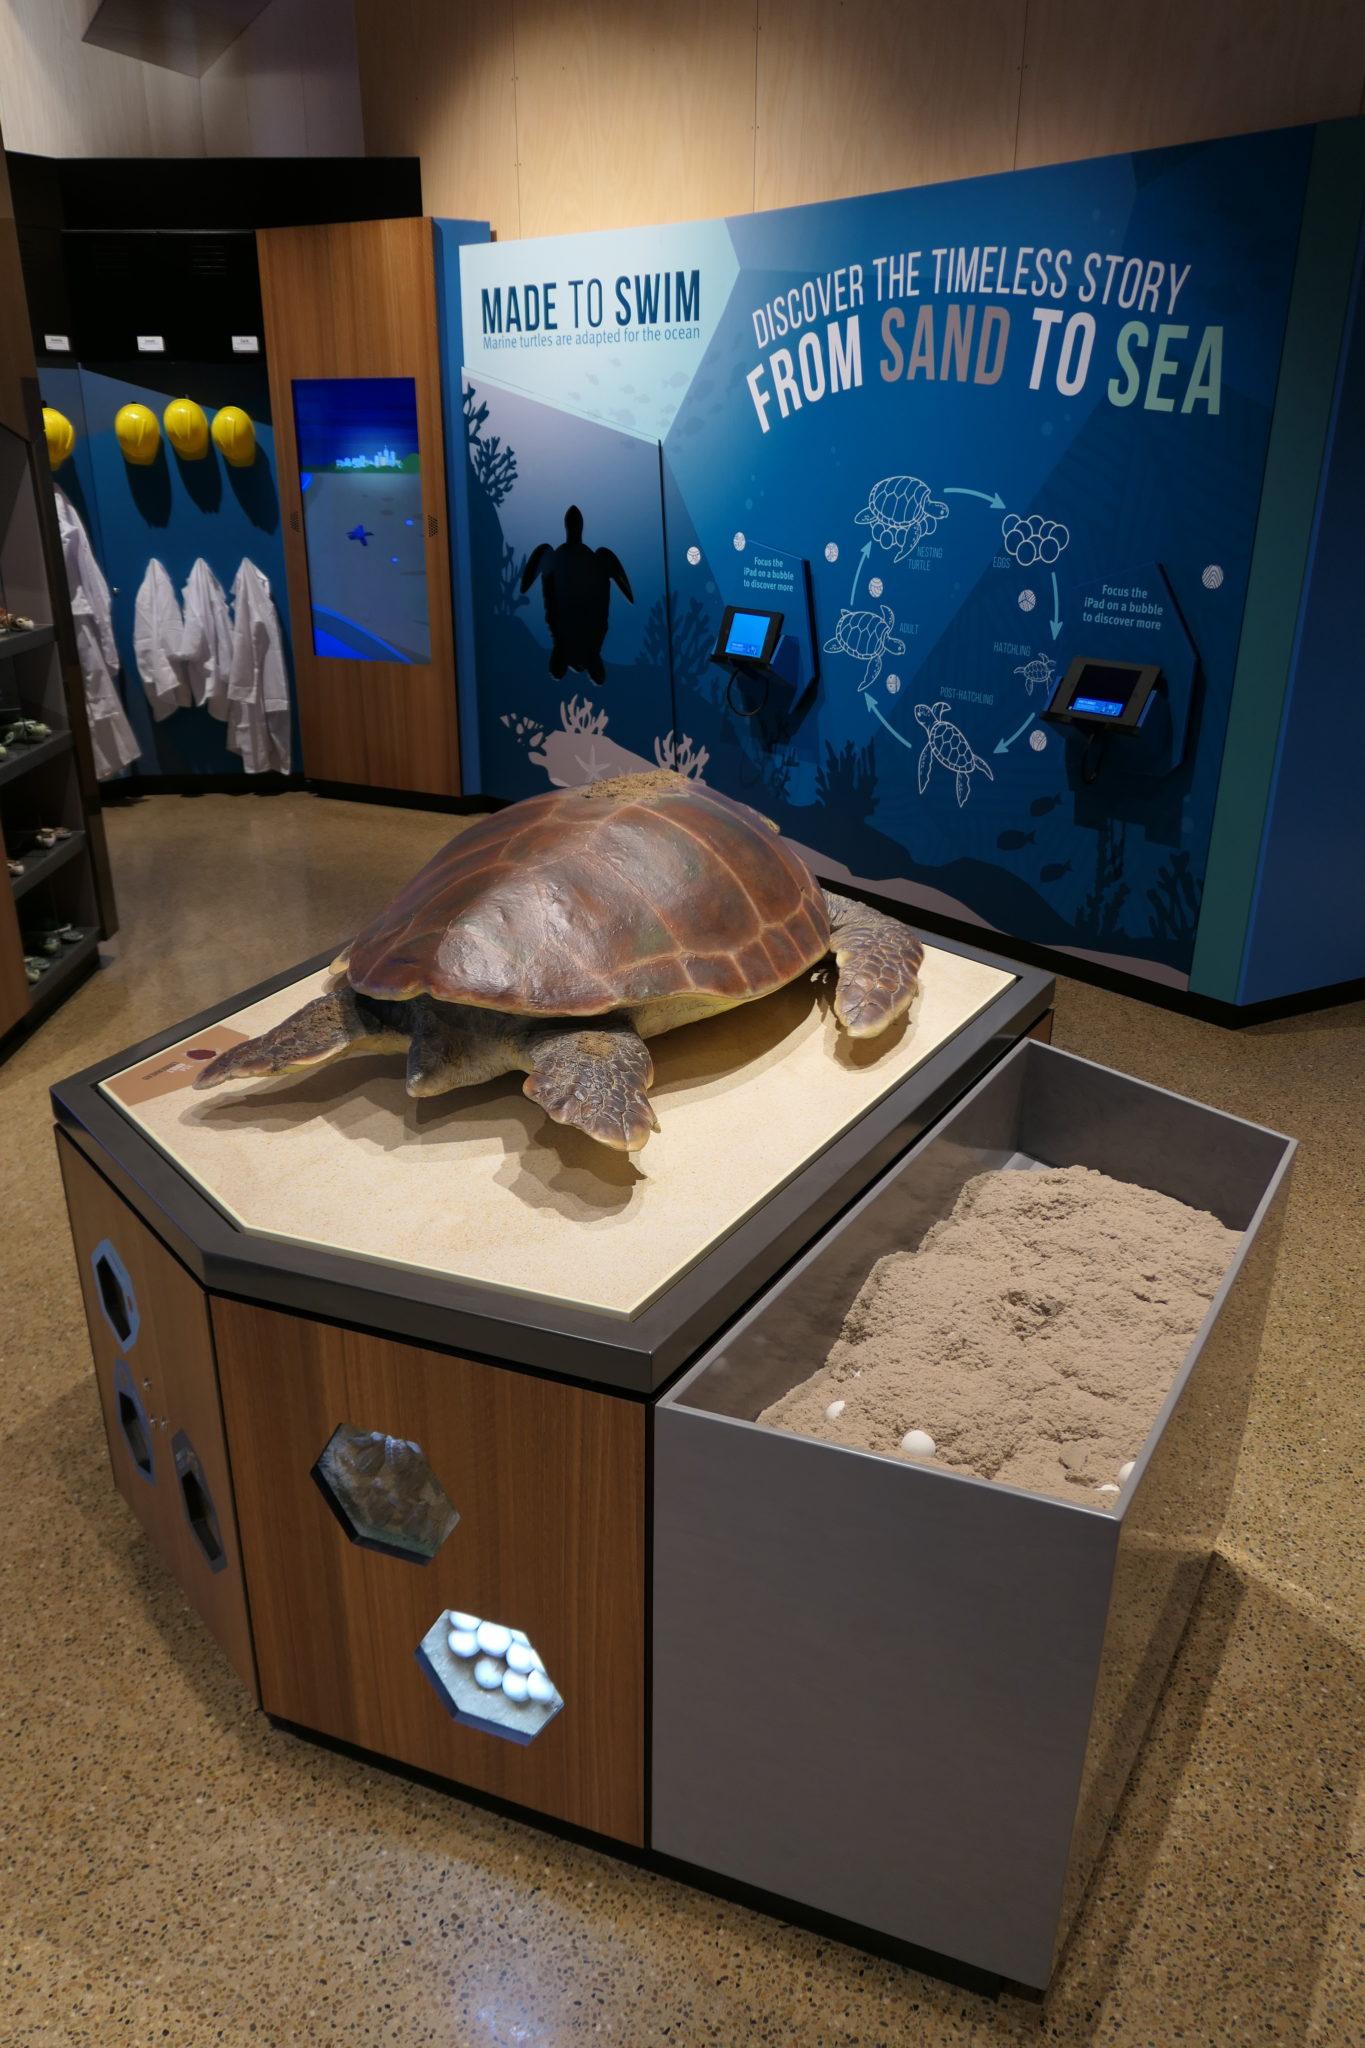 Mon Repos turtle exhibit interactives props